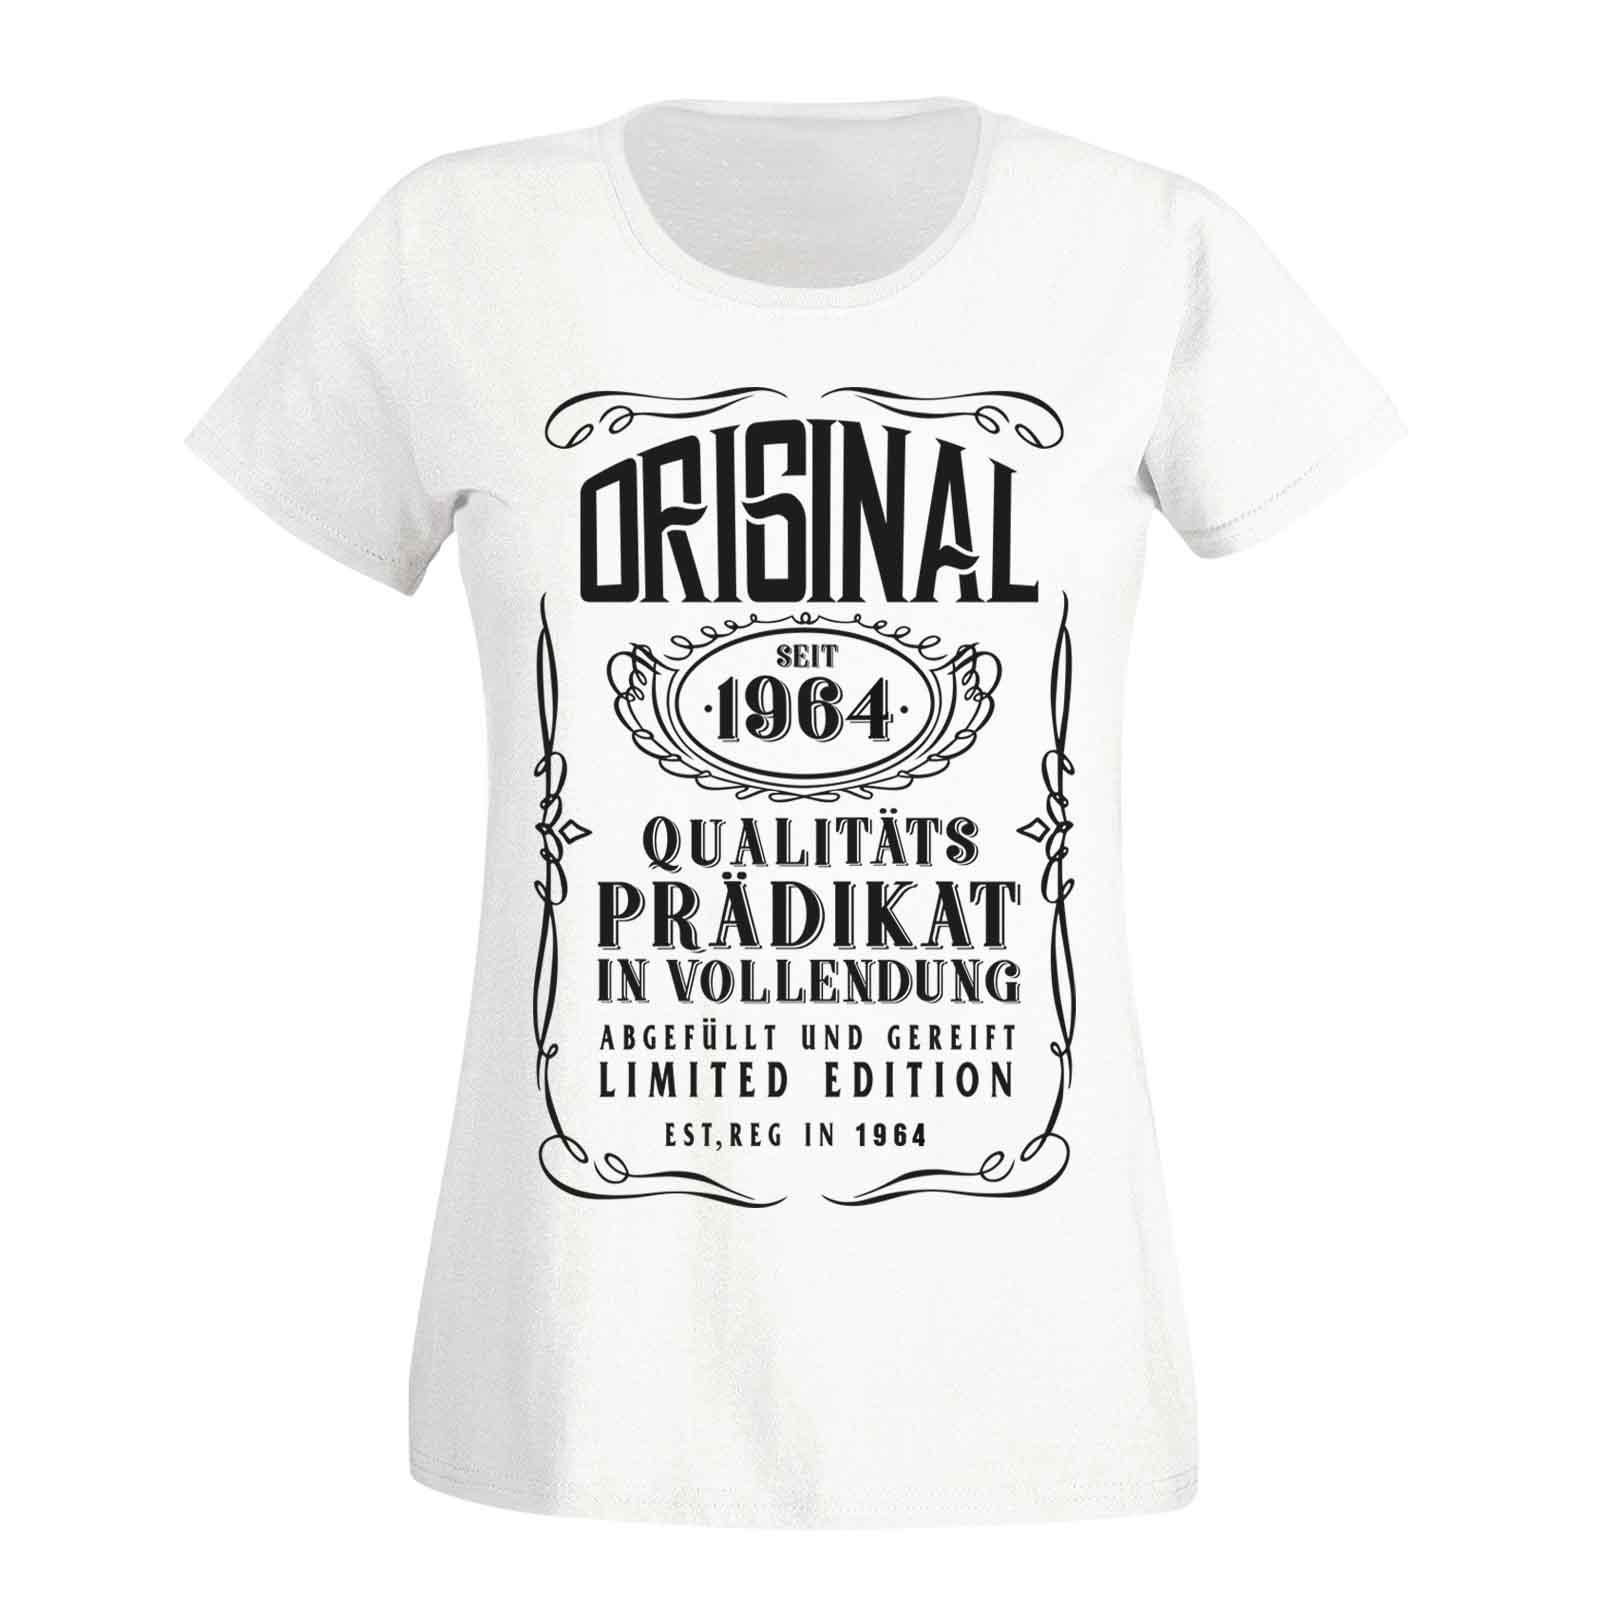 Full Size of Lustige Sprüche Fürs T Shirt Lustige T Shirt Sprüche Fussball T Shirt Lustige Hundesprüche Lustige Sprüche Für T Shirt Küche T Shirt Lustige Sprüche